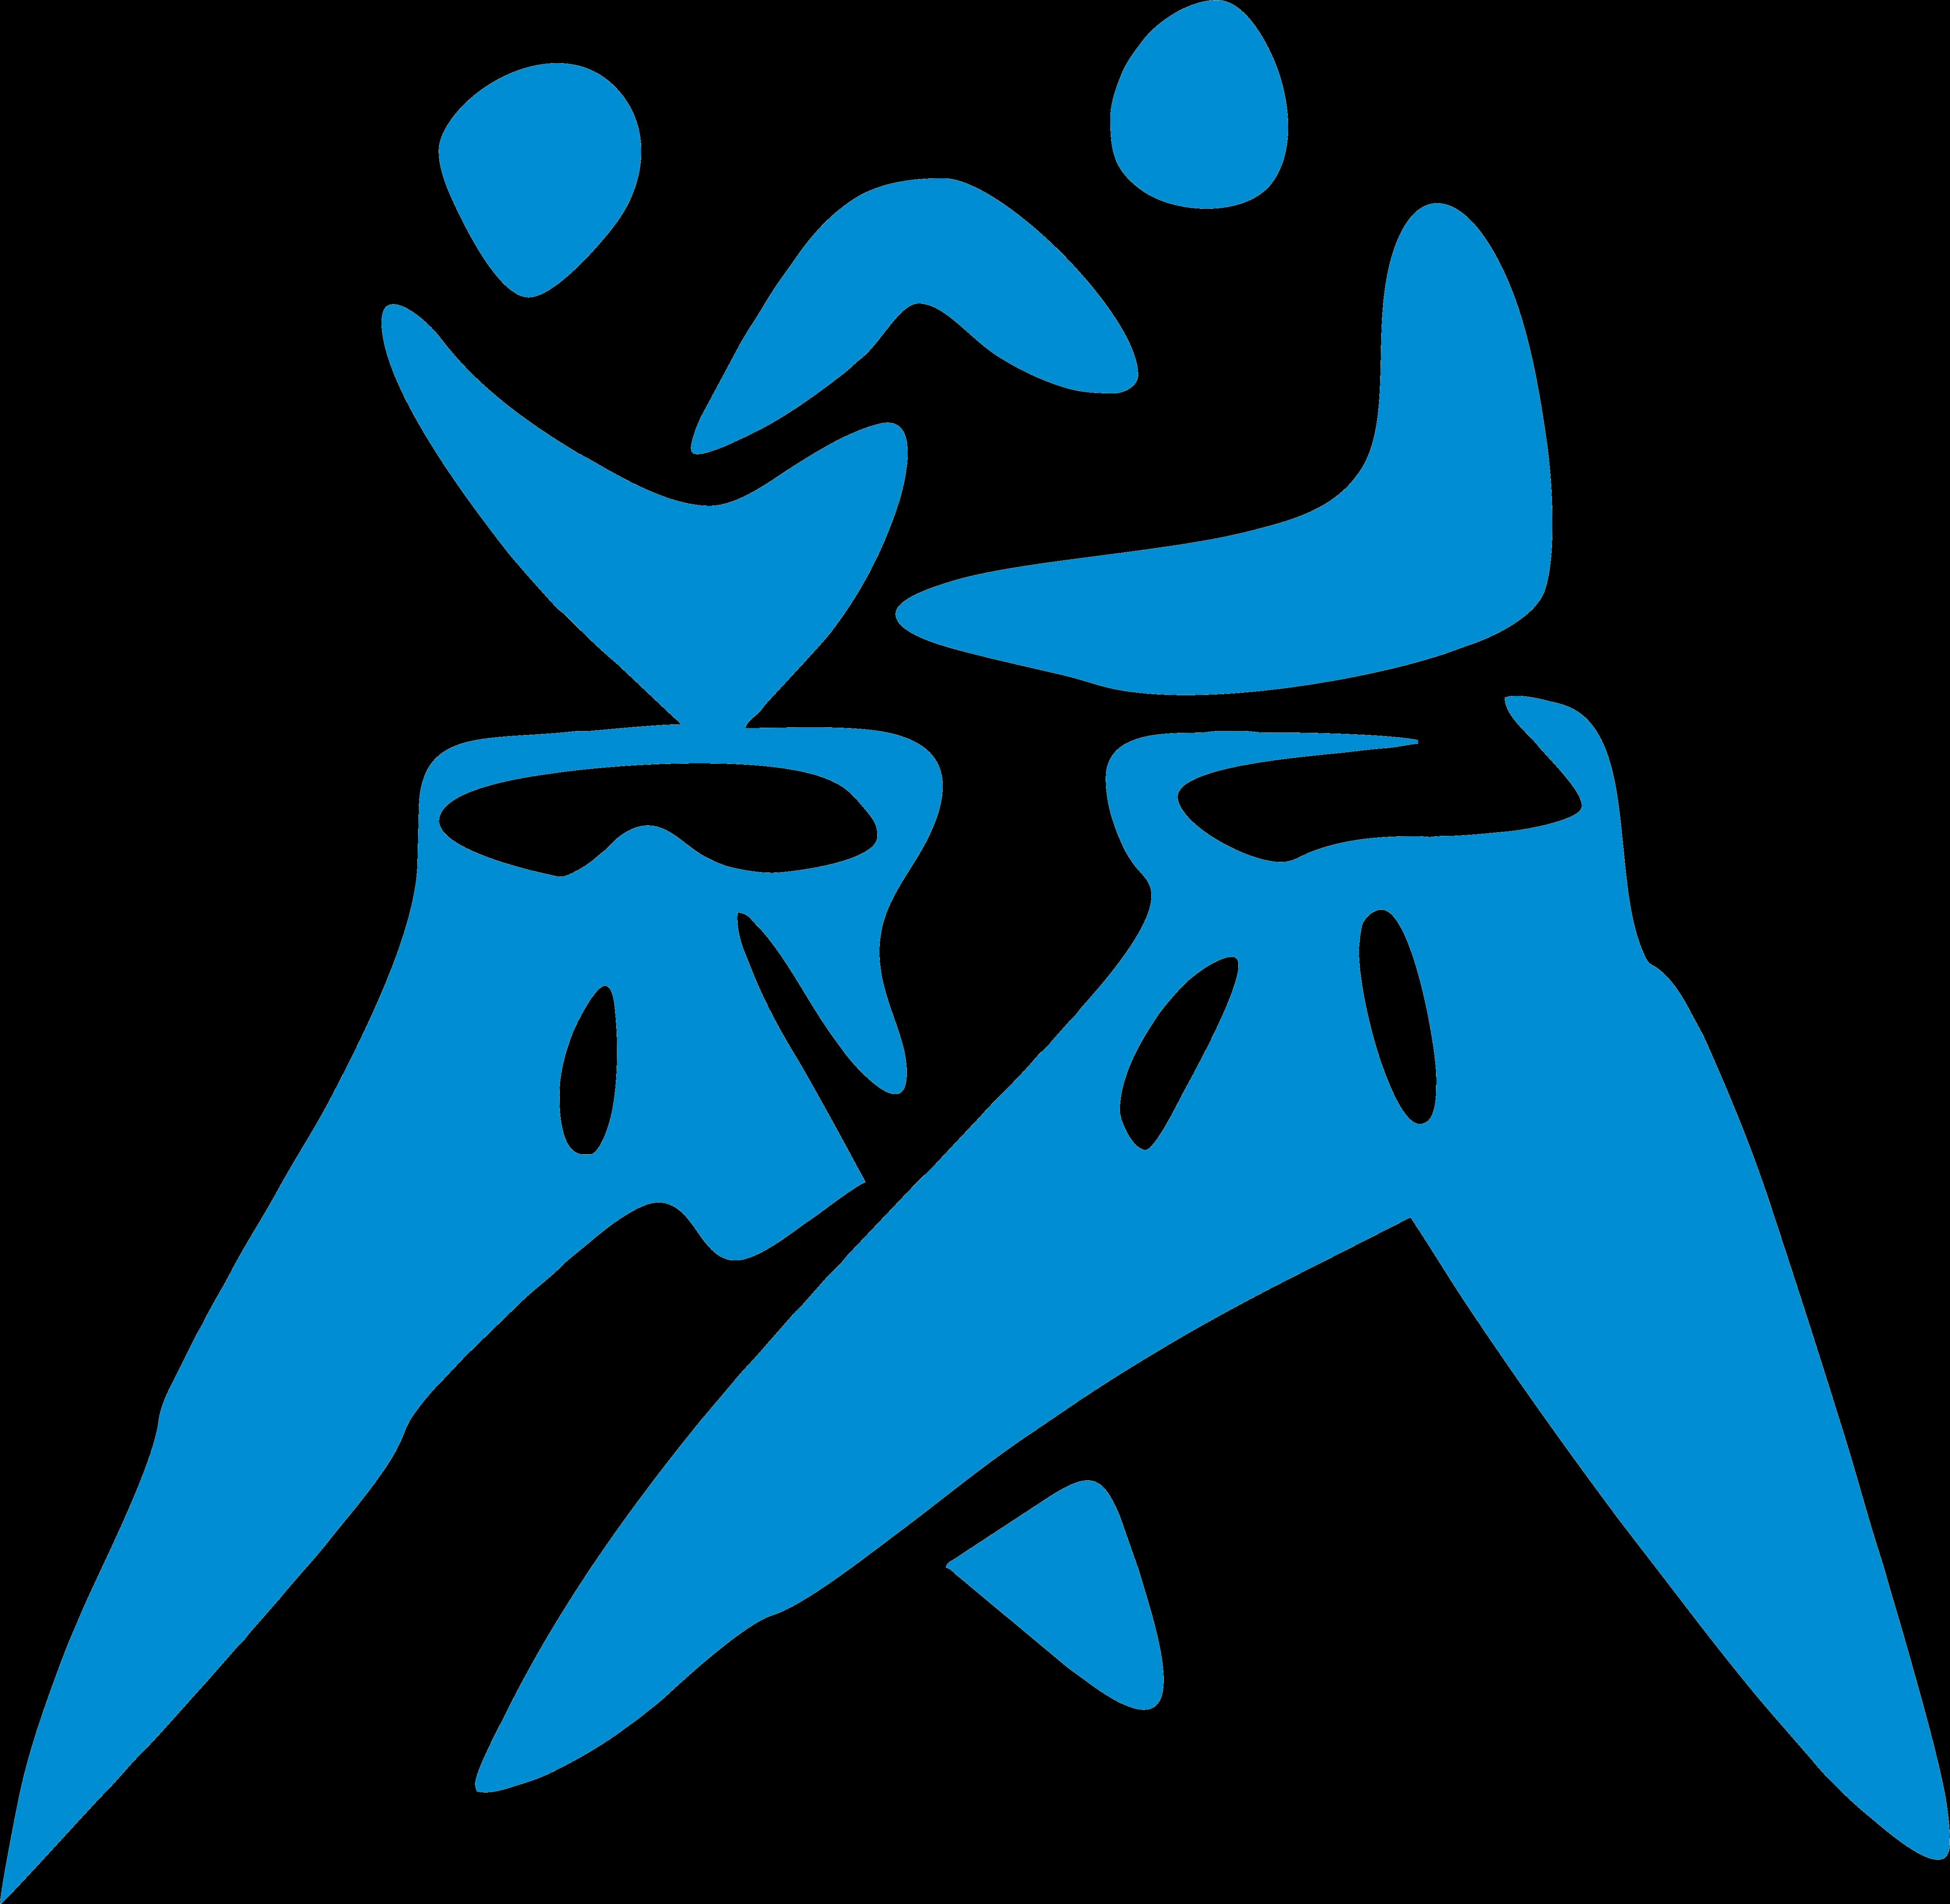 Sparte Kampfsport